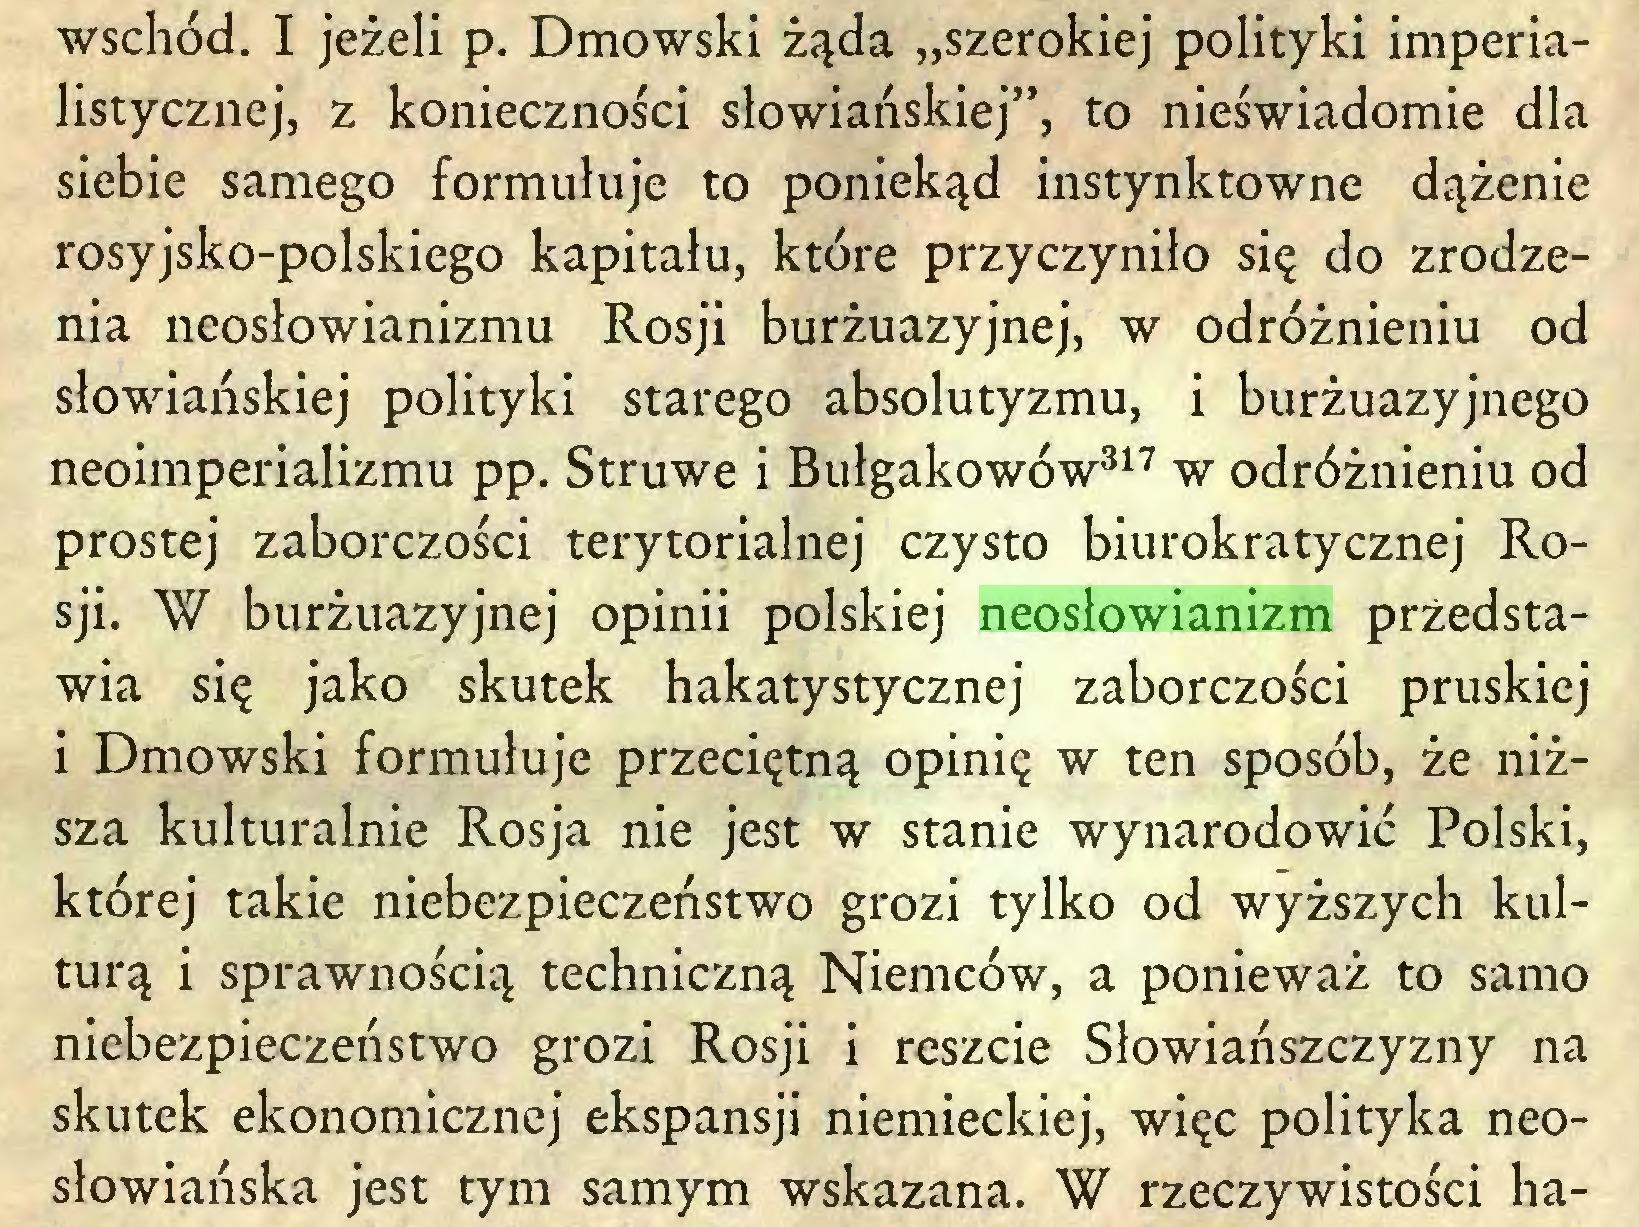 """(...) wschód. I jeżeli p. Dmowski żąda """"szerokiej polityki imperialistycznej, z konieczności słowiańskiej"""", to nieświadomie dla siebie samego formułuje to poniekąd instynktowne dążenie rosyjsko-polskiego kapitału, które przyczyniło się do zrodzenia neosłowianizmu Rosji burżuazyjnej, w odróżnieniu od słowiańskiej polityki starego absolutyzmu, i burżuazyjnego neoimperializmu pp. Struwe i Bułgakowów317 w odróżnieniu od prostej zaborczości terytorialnej czysto biurokratycznej Rosji. W burżuazyjnej opinii polskiej neosłowianizm przedstawia się jako skutek hakatystycznej zaborczości pruskiej i Dmowski formułuje przeciętną opinię w ten sposób, że niższa kulturalnie Rosja nie jest w stanie wynarodowić Polski, której takie niebezpieczeństwo grozi tylko od wyższych kulturą i sprawnością techniczną Niemców, a ponieważ to samo niebezpieczeństwo grozi Rosji i reszcie Słowiańszczyzny na skutek ekonomicznej ekspansji niemieckiej, więc polityka neosłowiańska jest tym samym wskazana. W rzeczywistości ha..."""